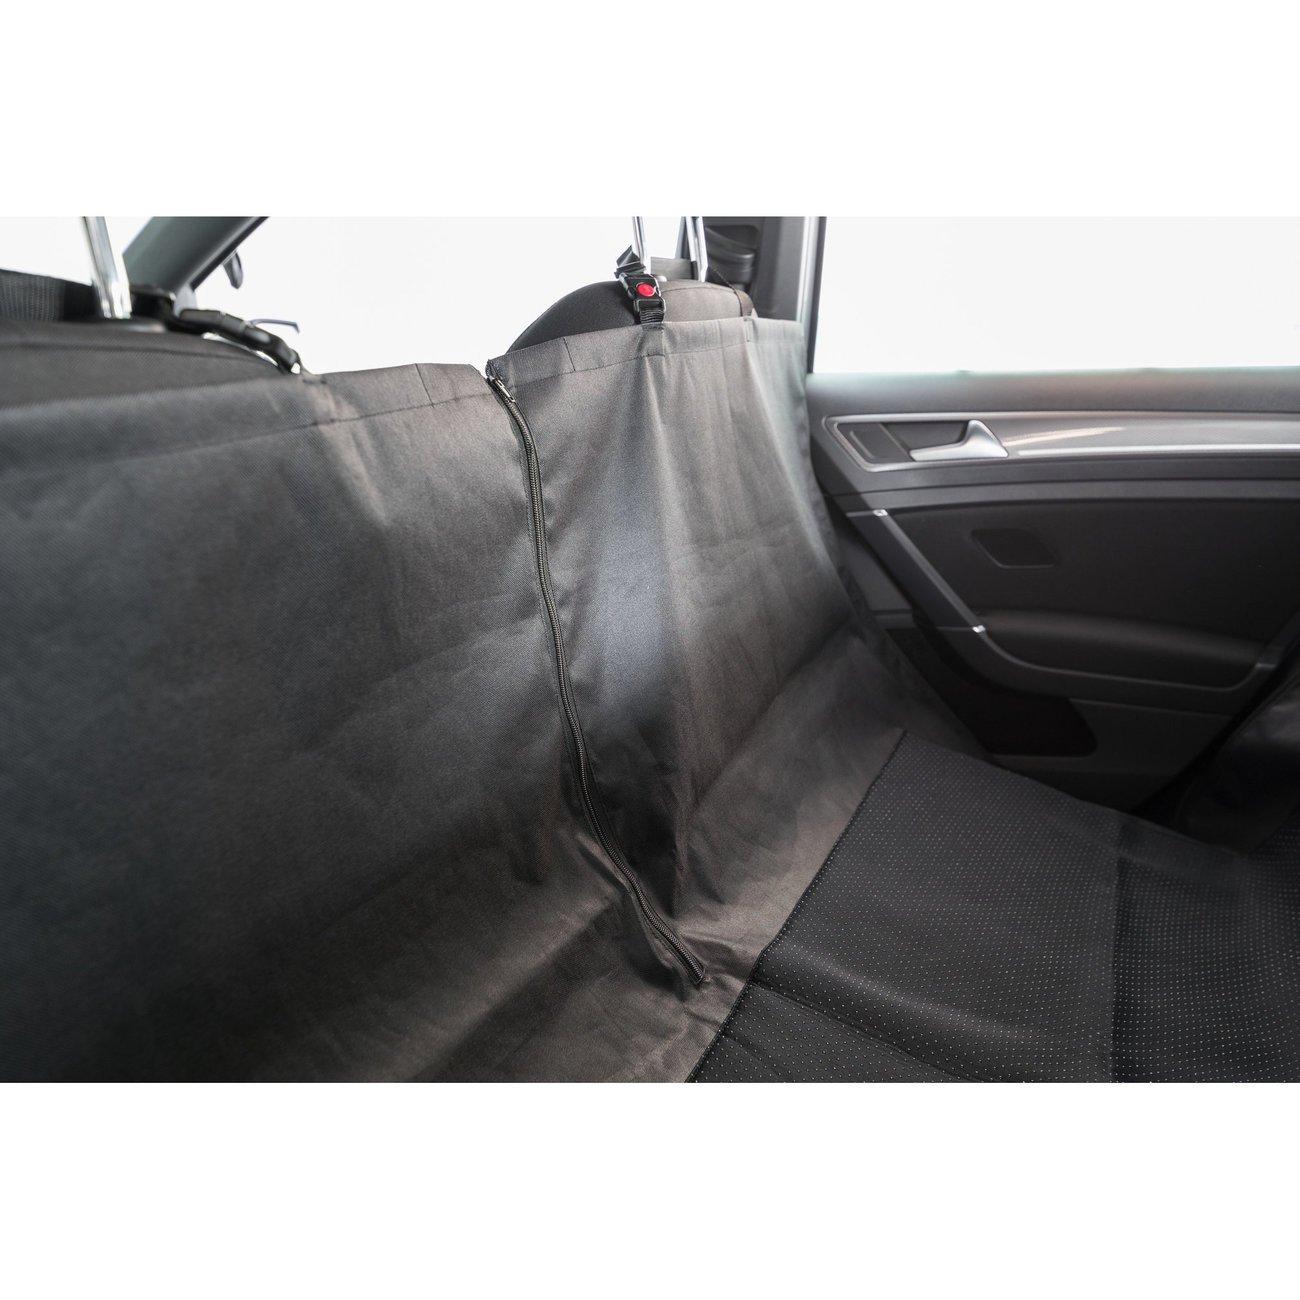 Auto Hundedecke mit Seitenteilen für Rücksitz Bild 6